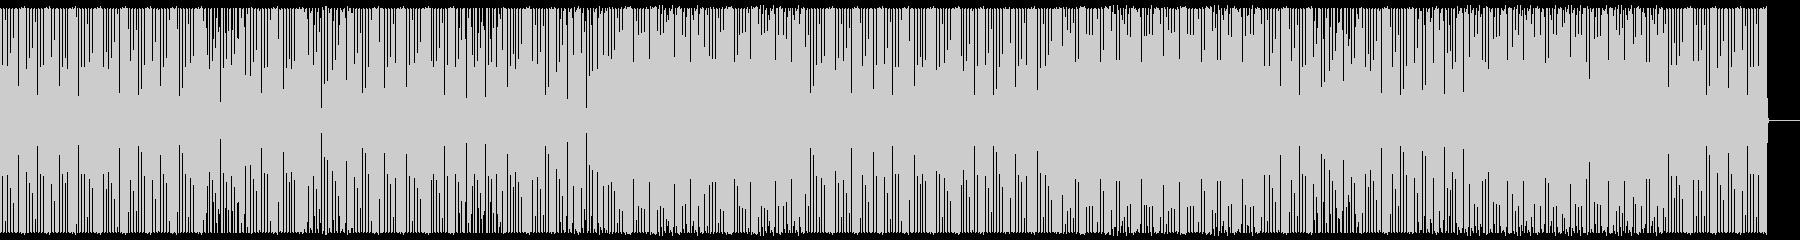 テクノ/クラブ/ビートトラック/#2の未再生の波形